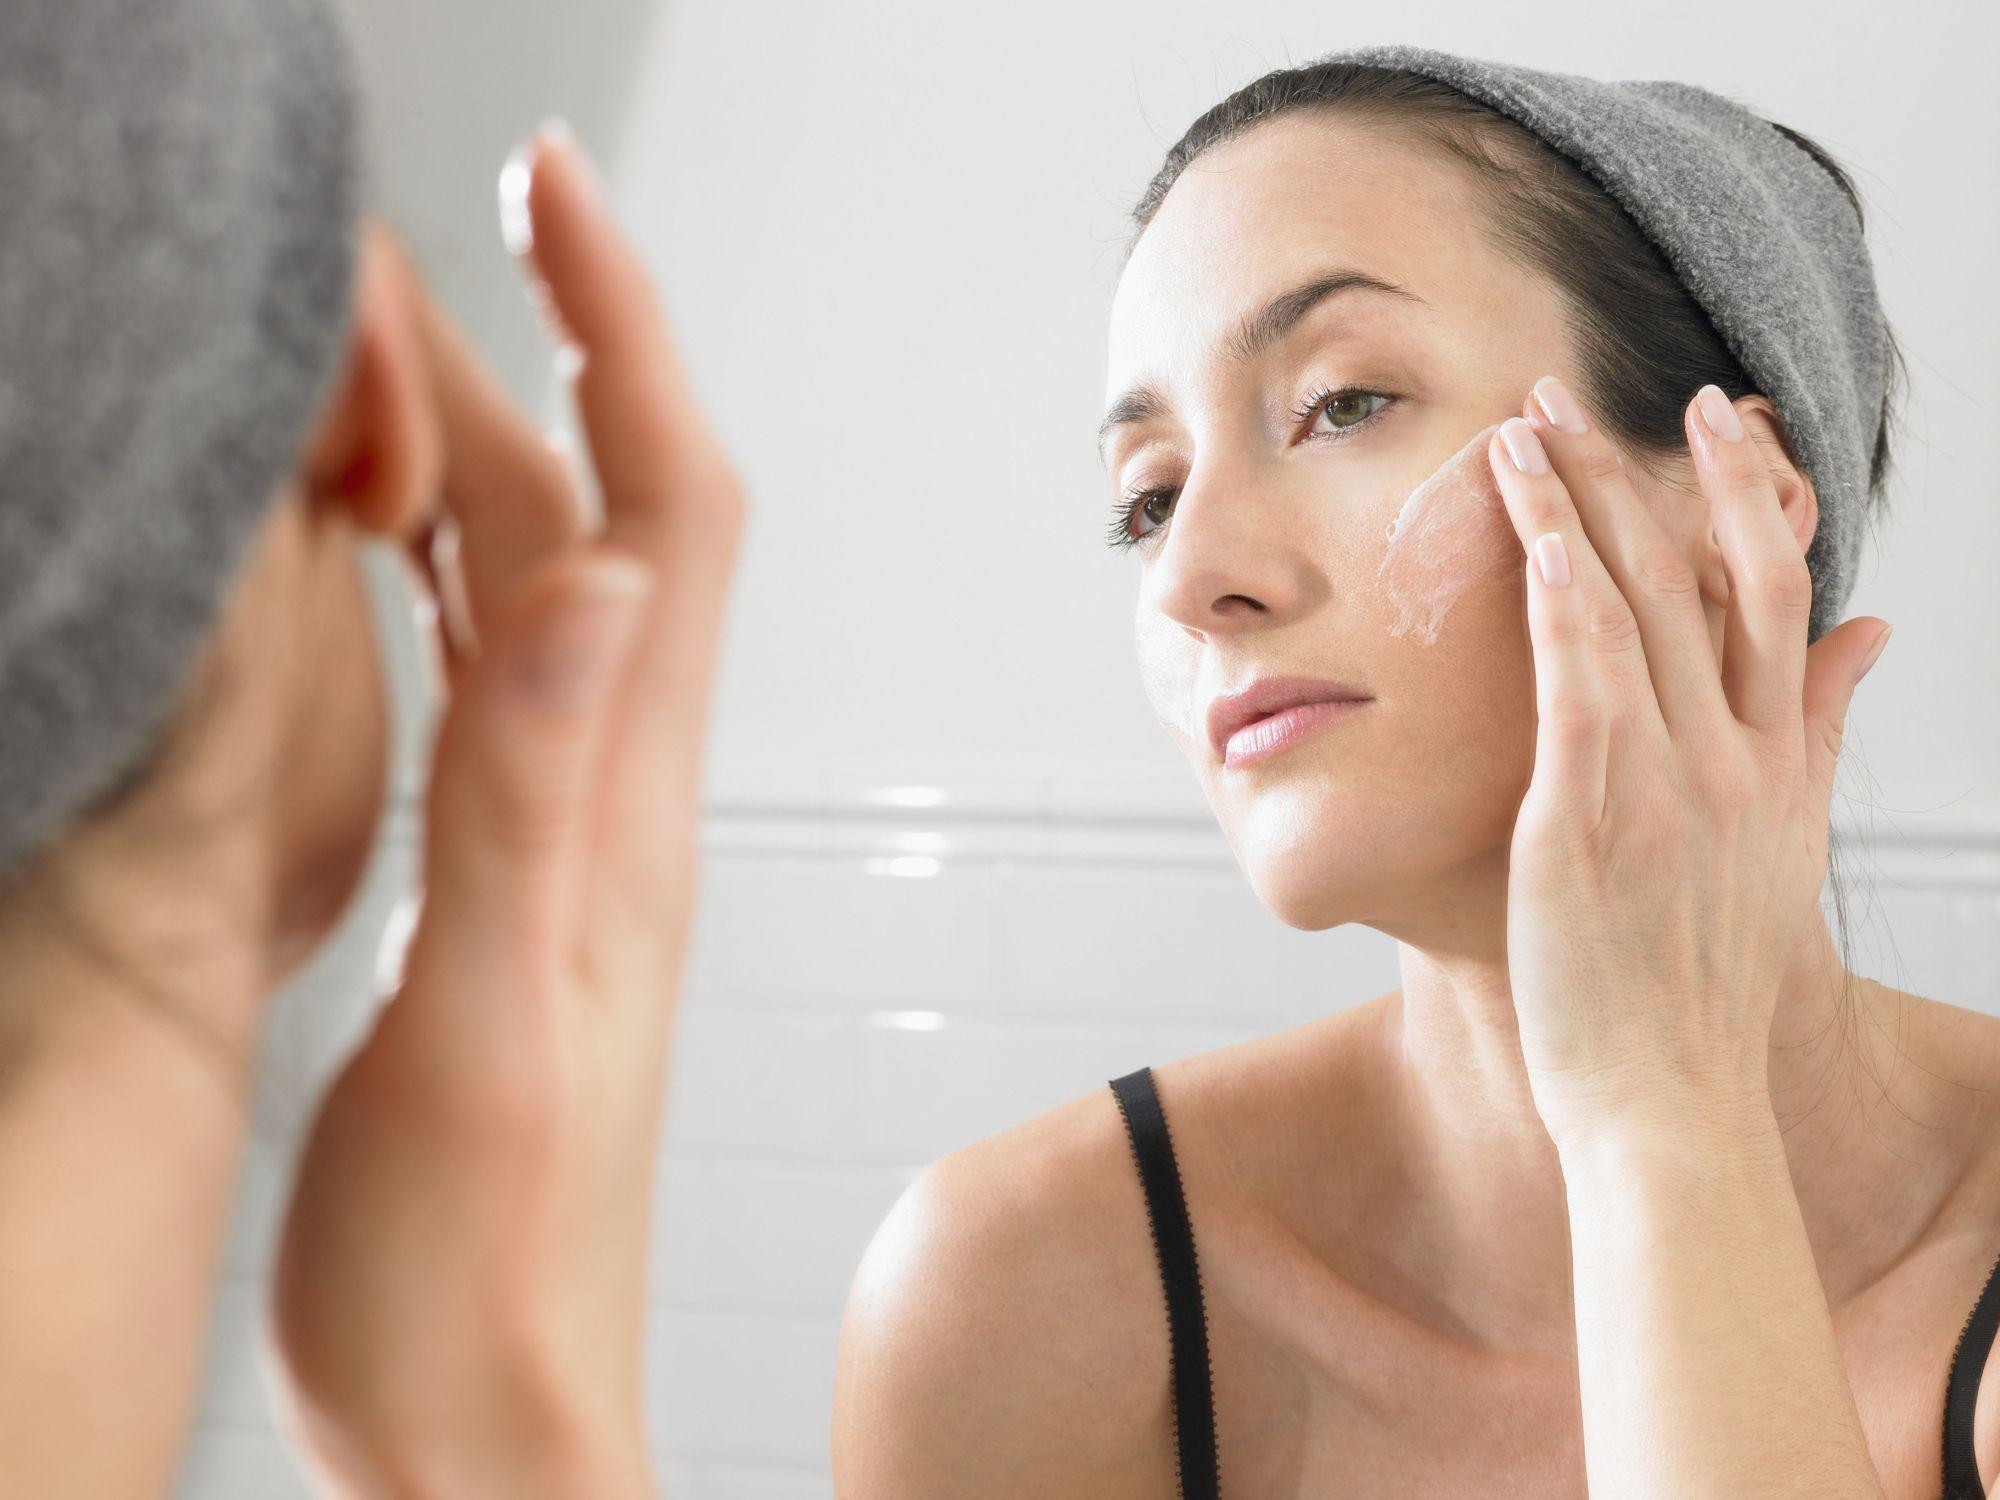 Remède naturel acné : solutions efficaces pour s'en débarasser